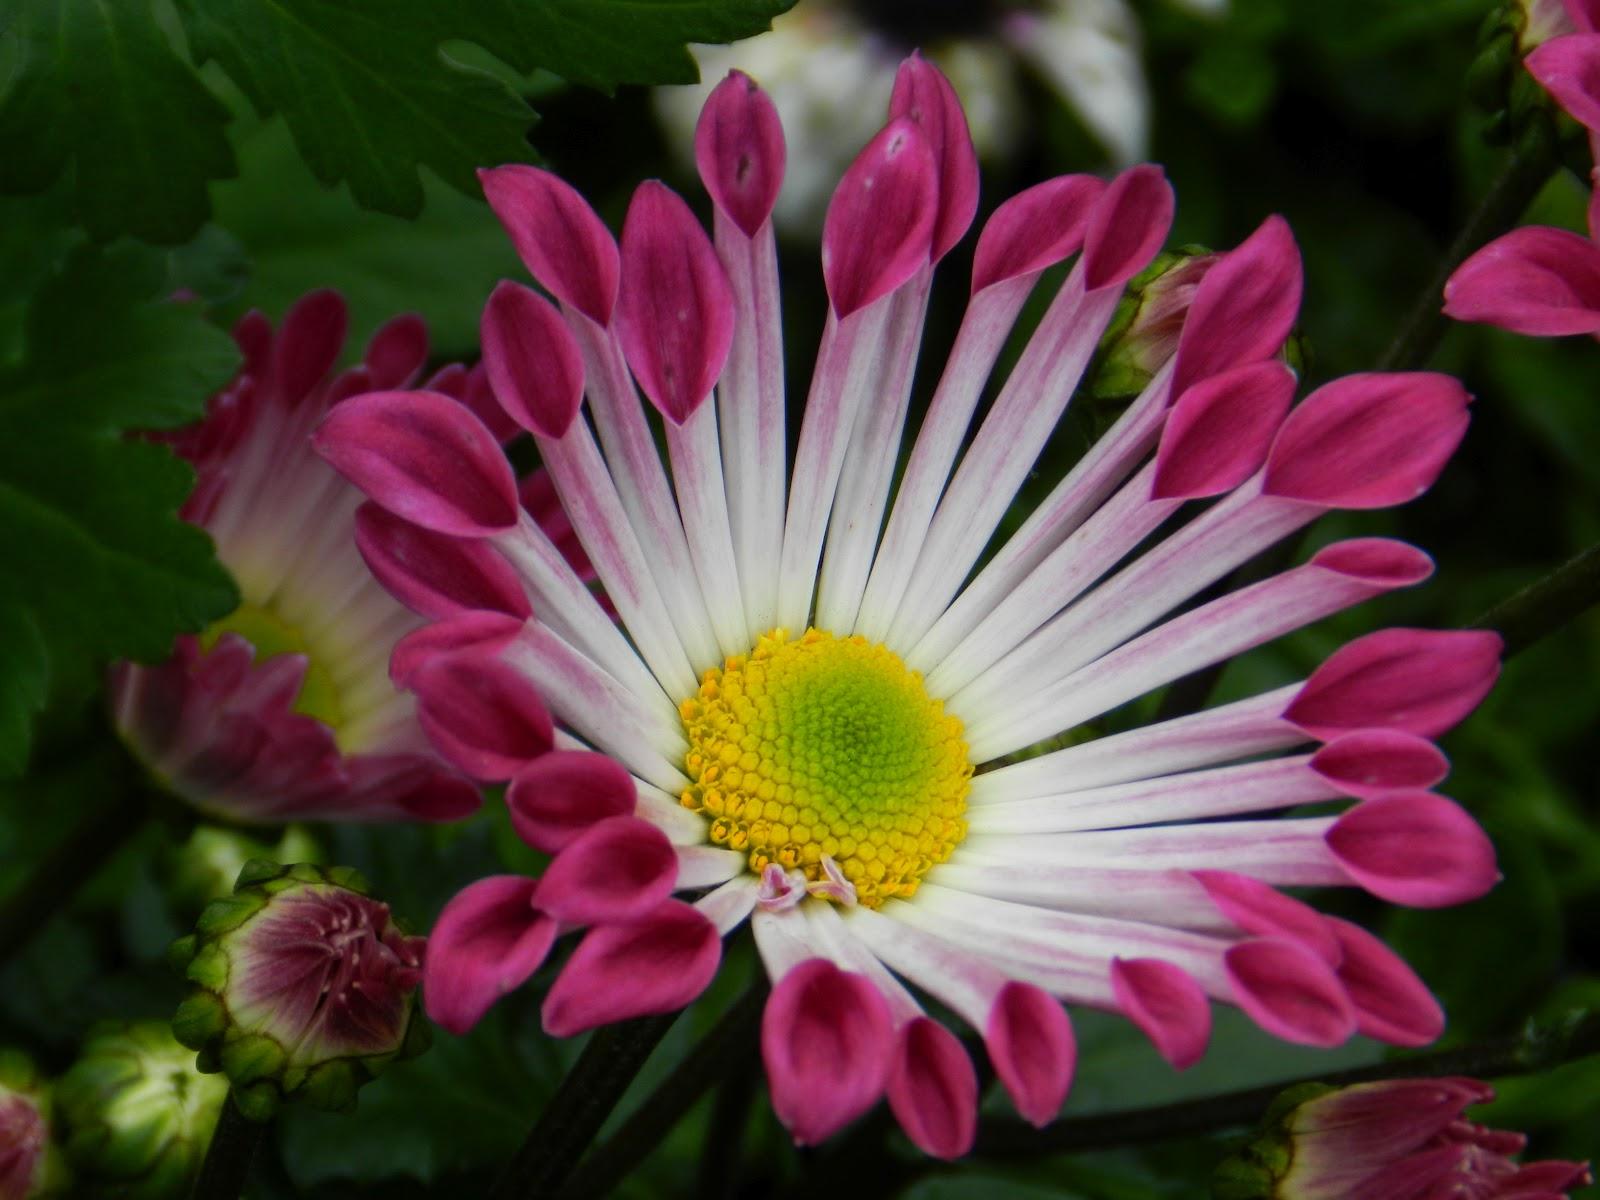 Ggs Garden 美麗花朵 綻放嬌顏